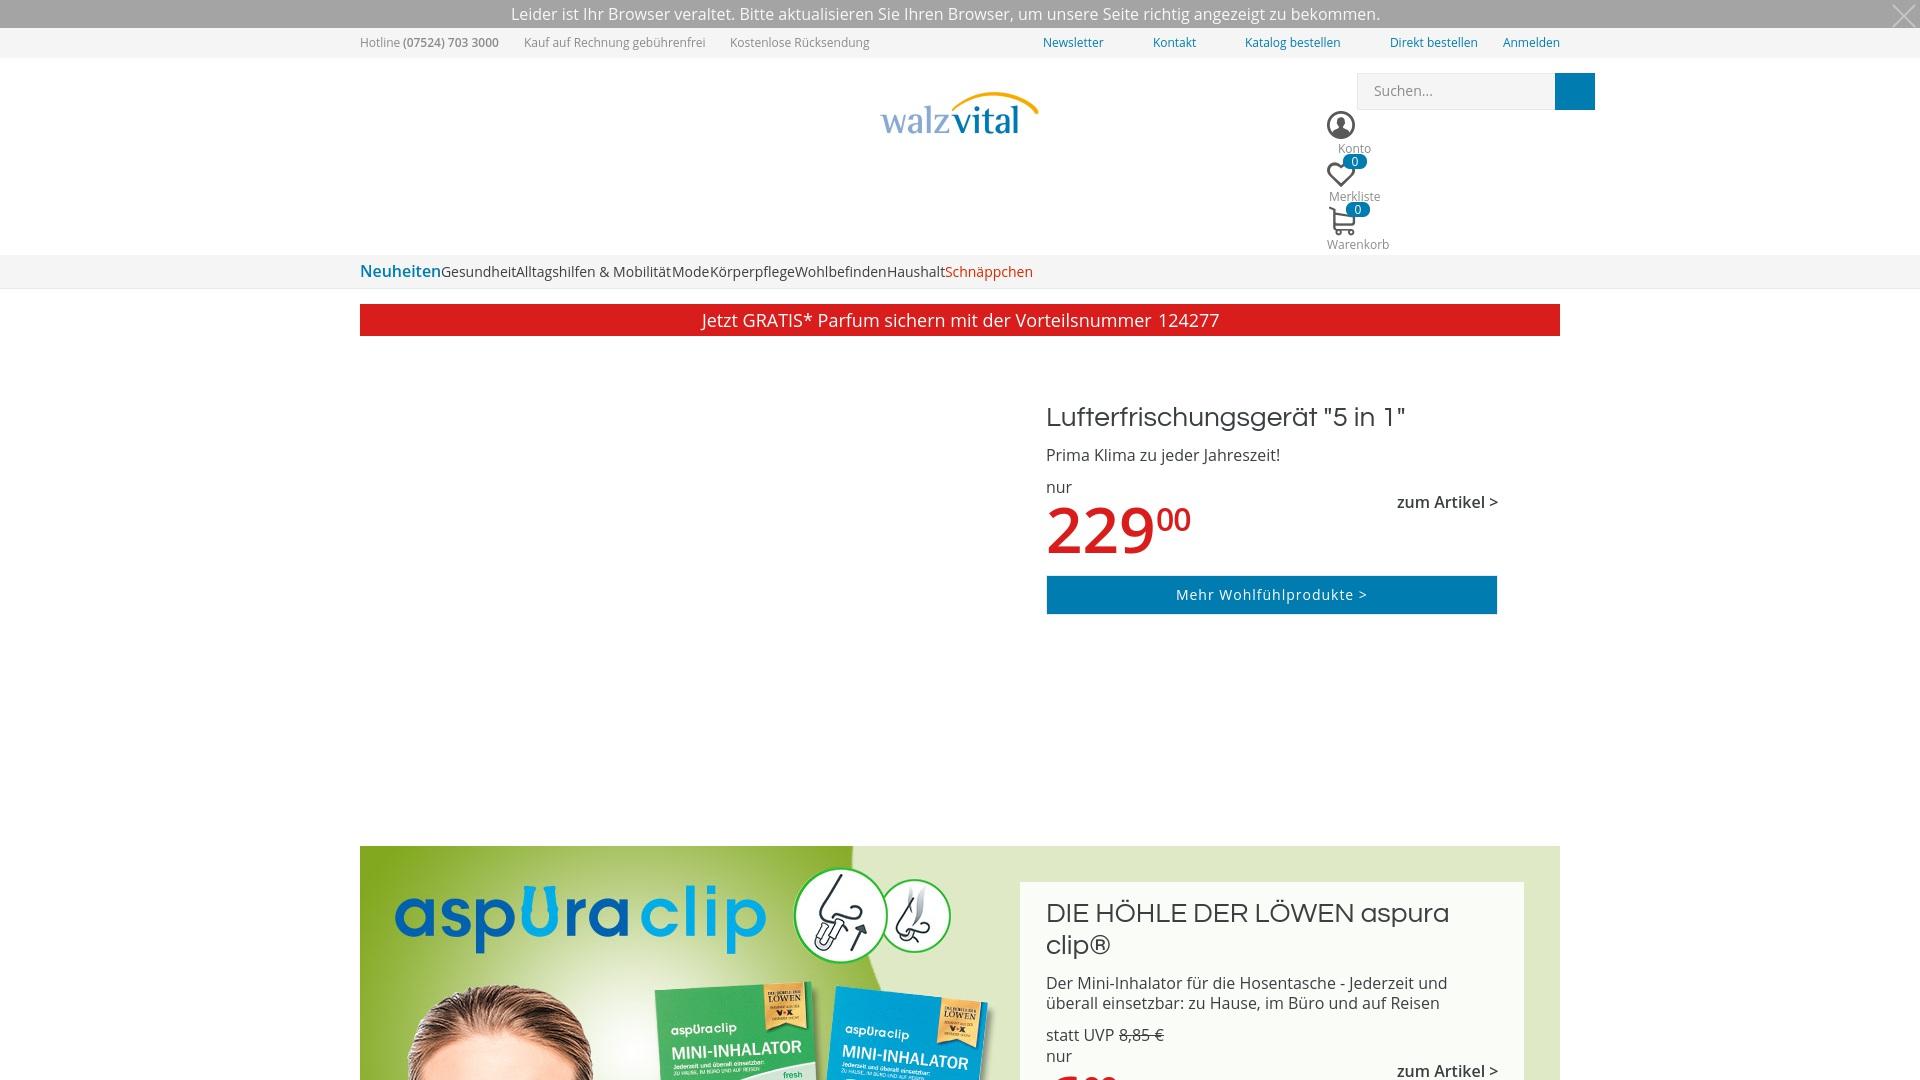 Gutschein für Walzvital: Rabatte für  Walzvital sichern